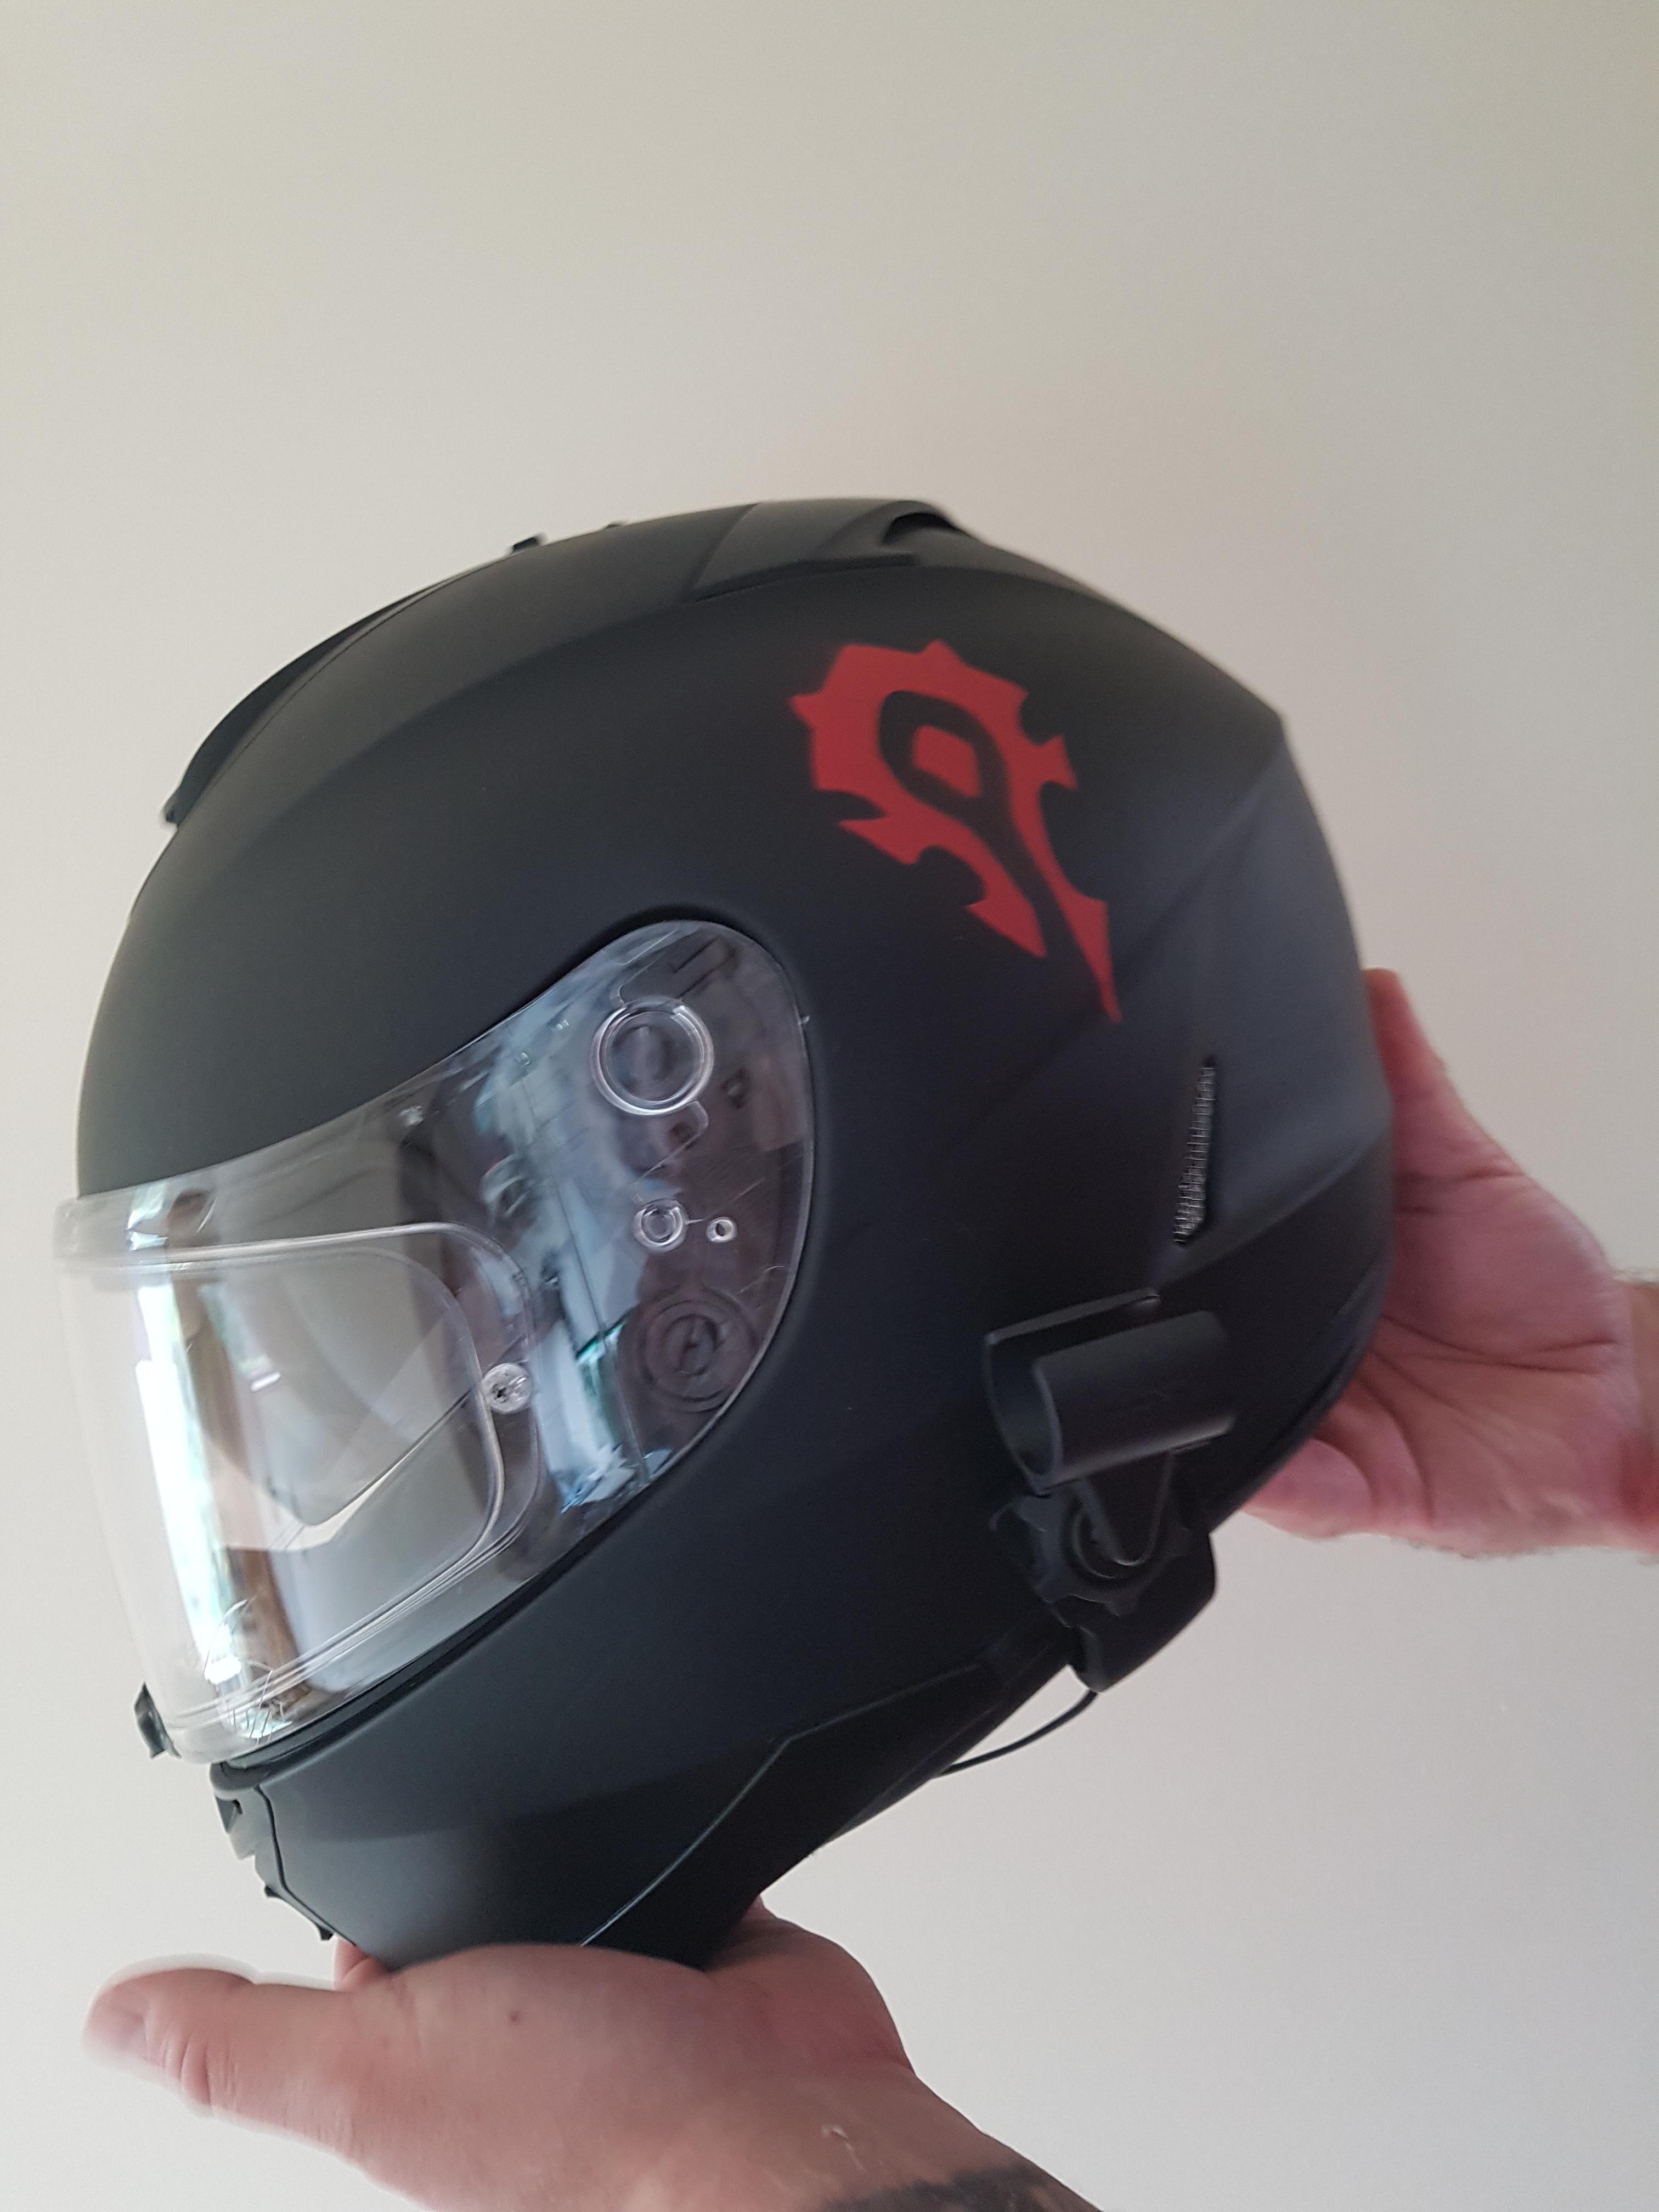 Guildie Customised His Bike Helmet Worldofwarcraft Blizzard Hearthstone Wow Warcraft Blizzardcs Gaming Bike Helmet Riding Helmets Helmet